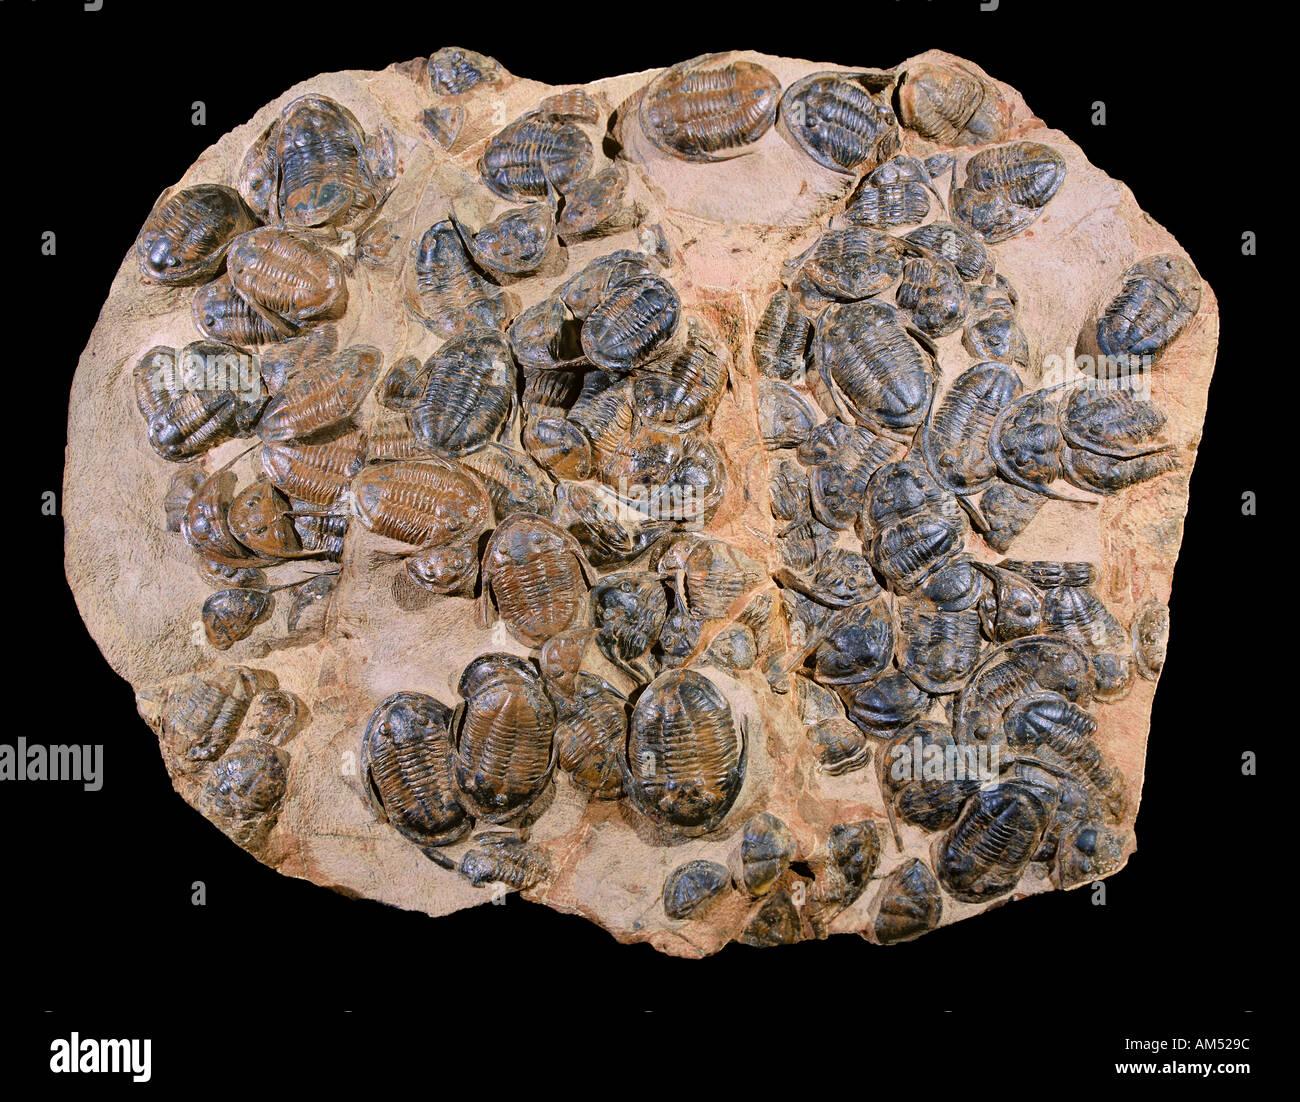 """Une grande feuille de rock avec beaucoup de trilobites dans elle. Les Trilobites """"trois-ont disparu des lobes arthropodes qui forment la classe Trilobita. Photo Stock"""